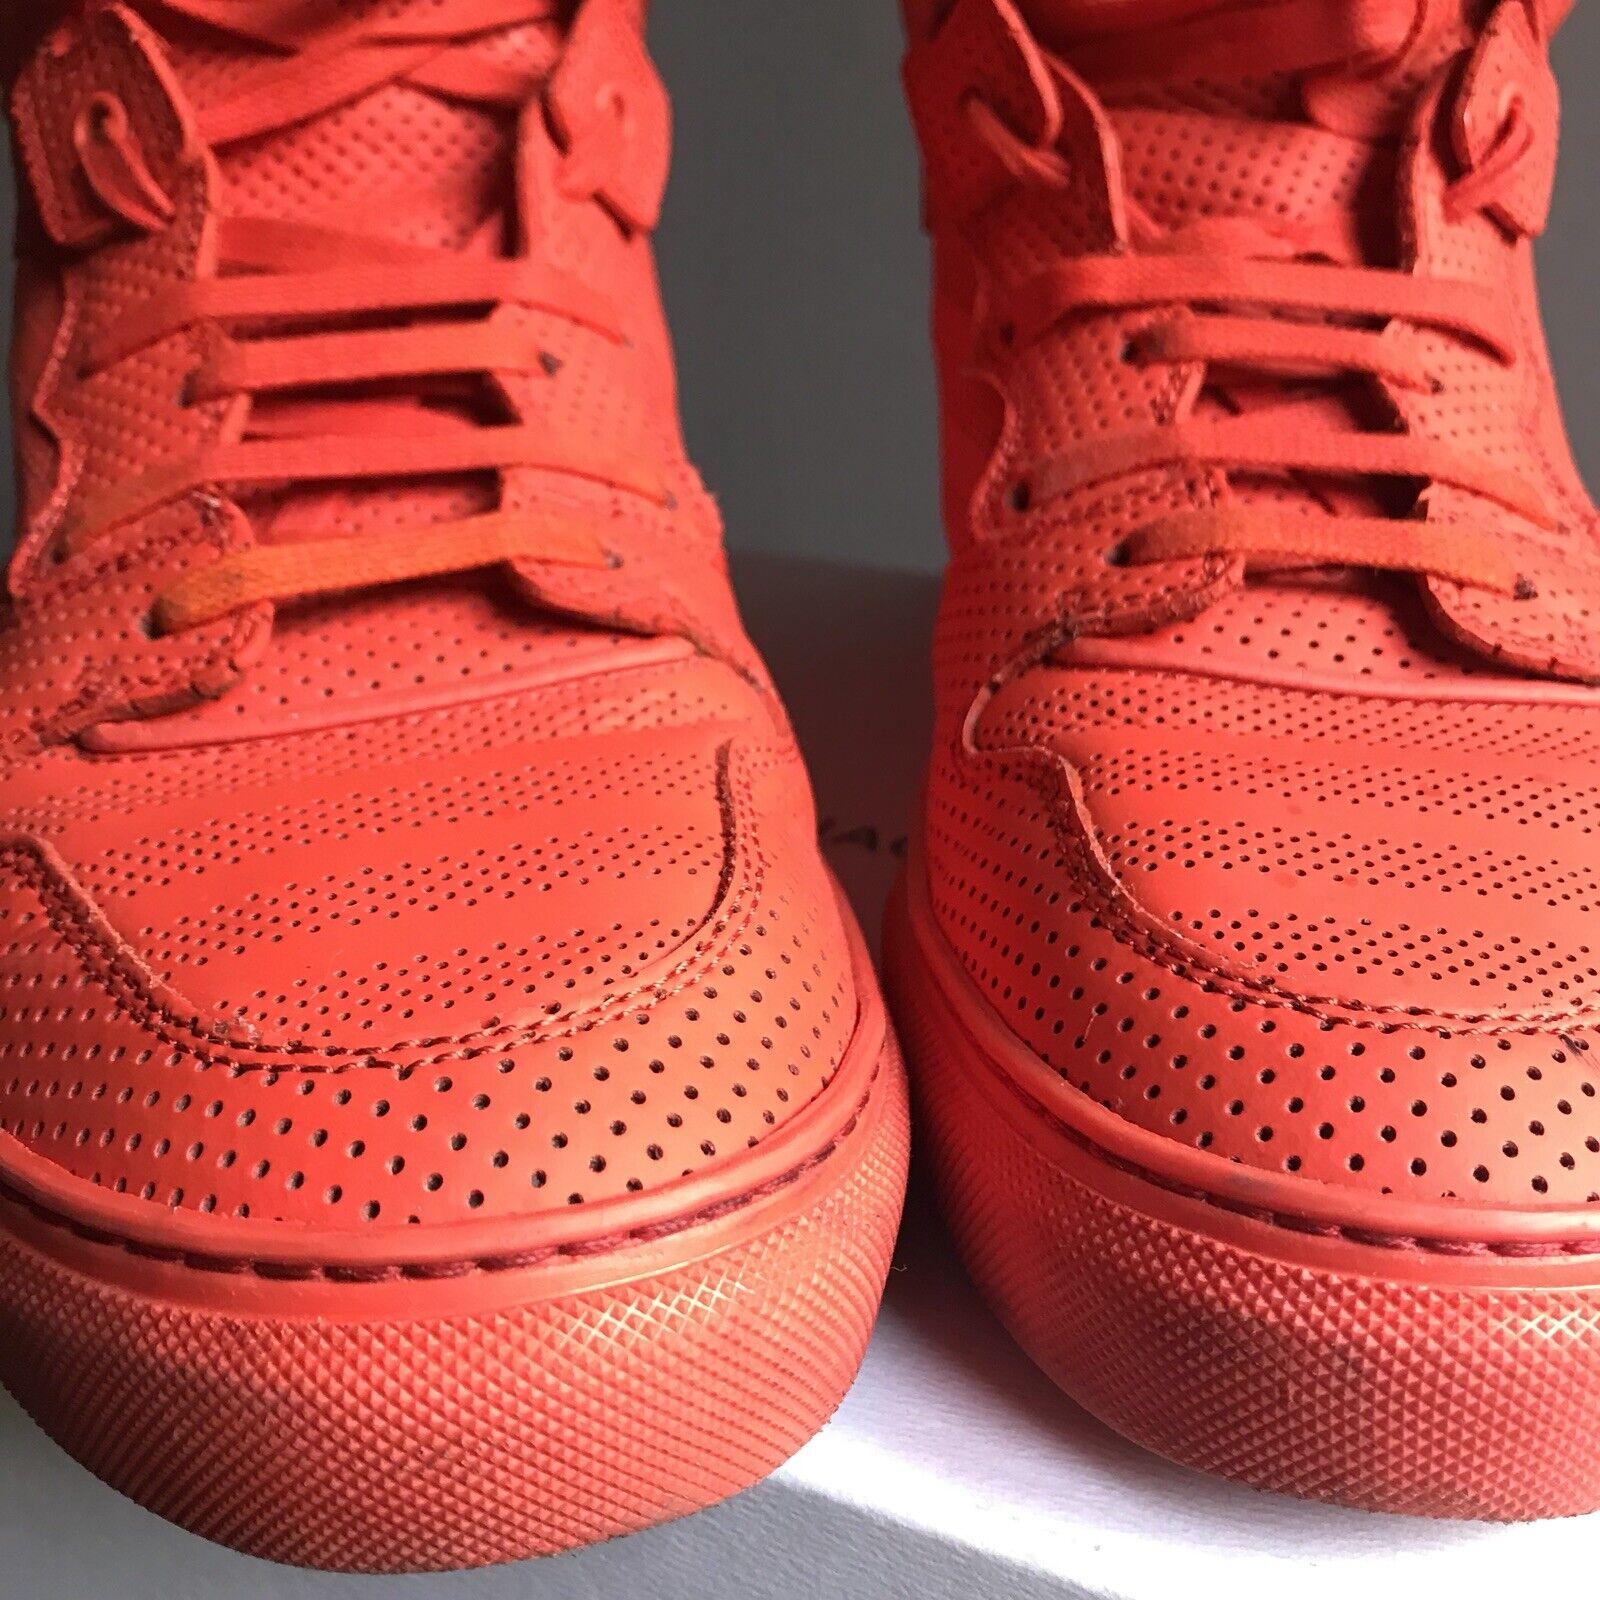 Balenciaga scarpe da ginnastica ginnastica ginnastica Piel  Perforado rosso Dimensione 40 e4d2f1